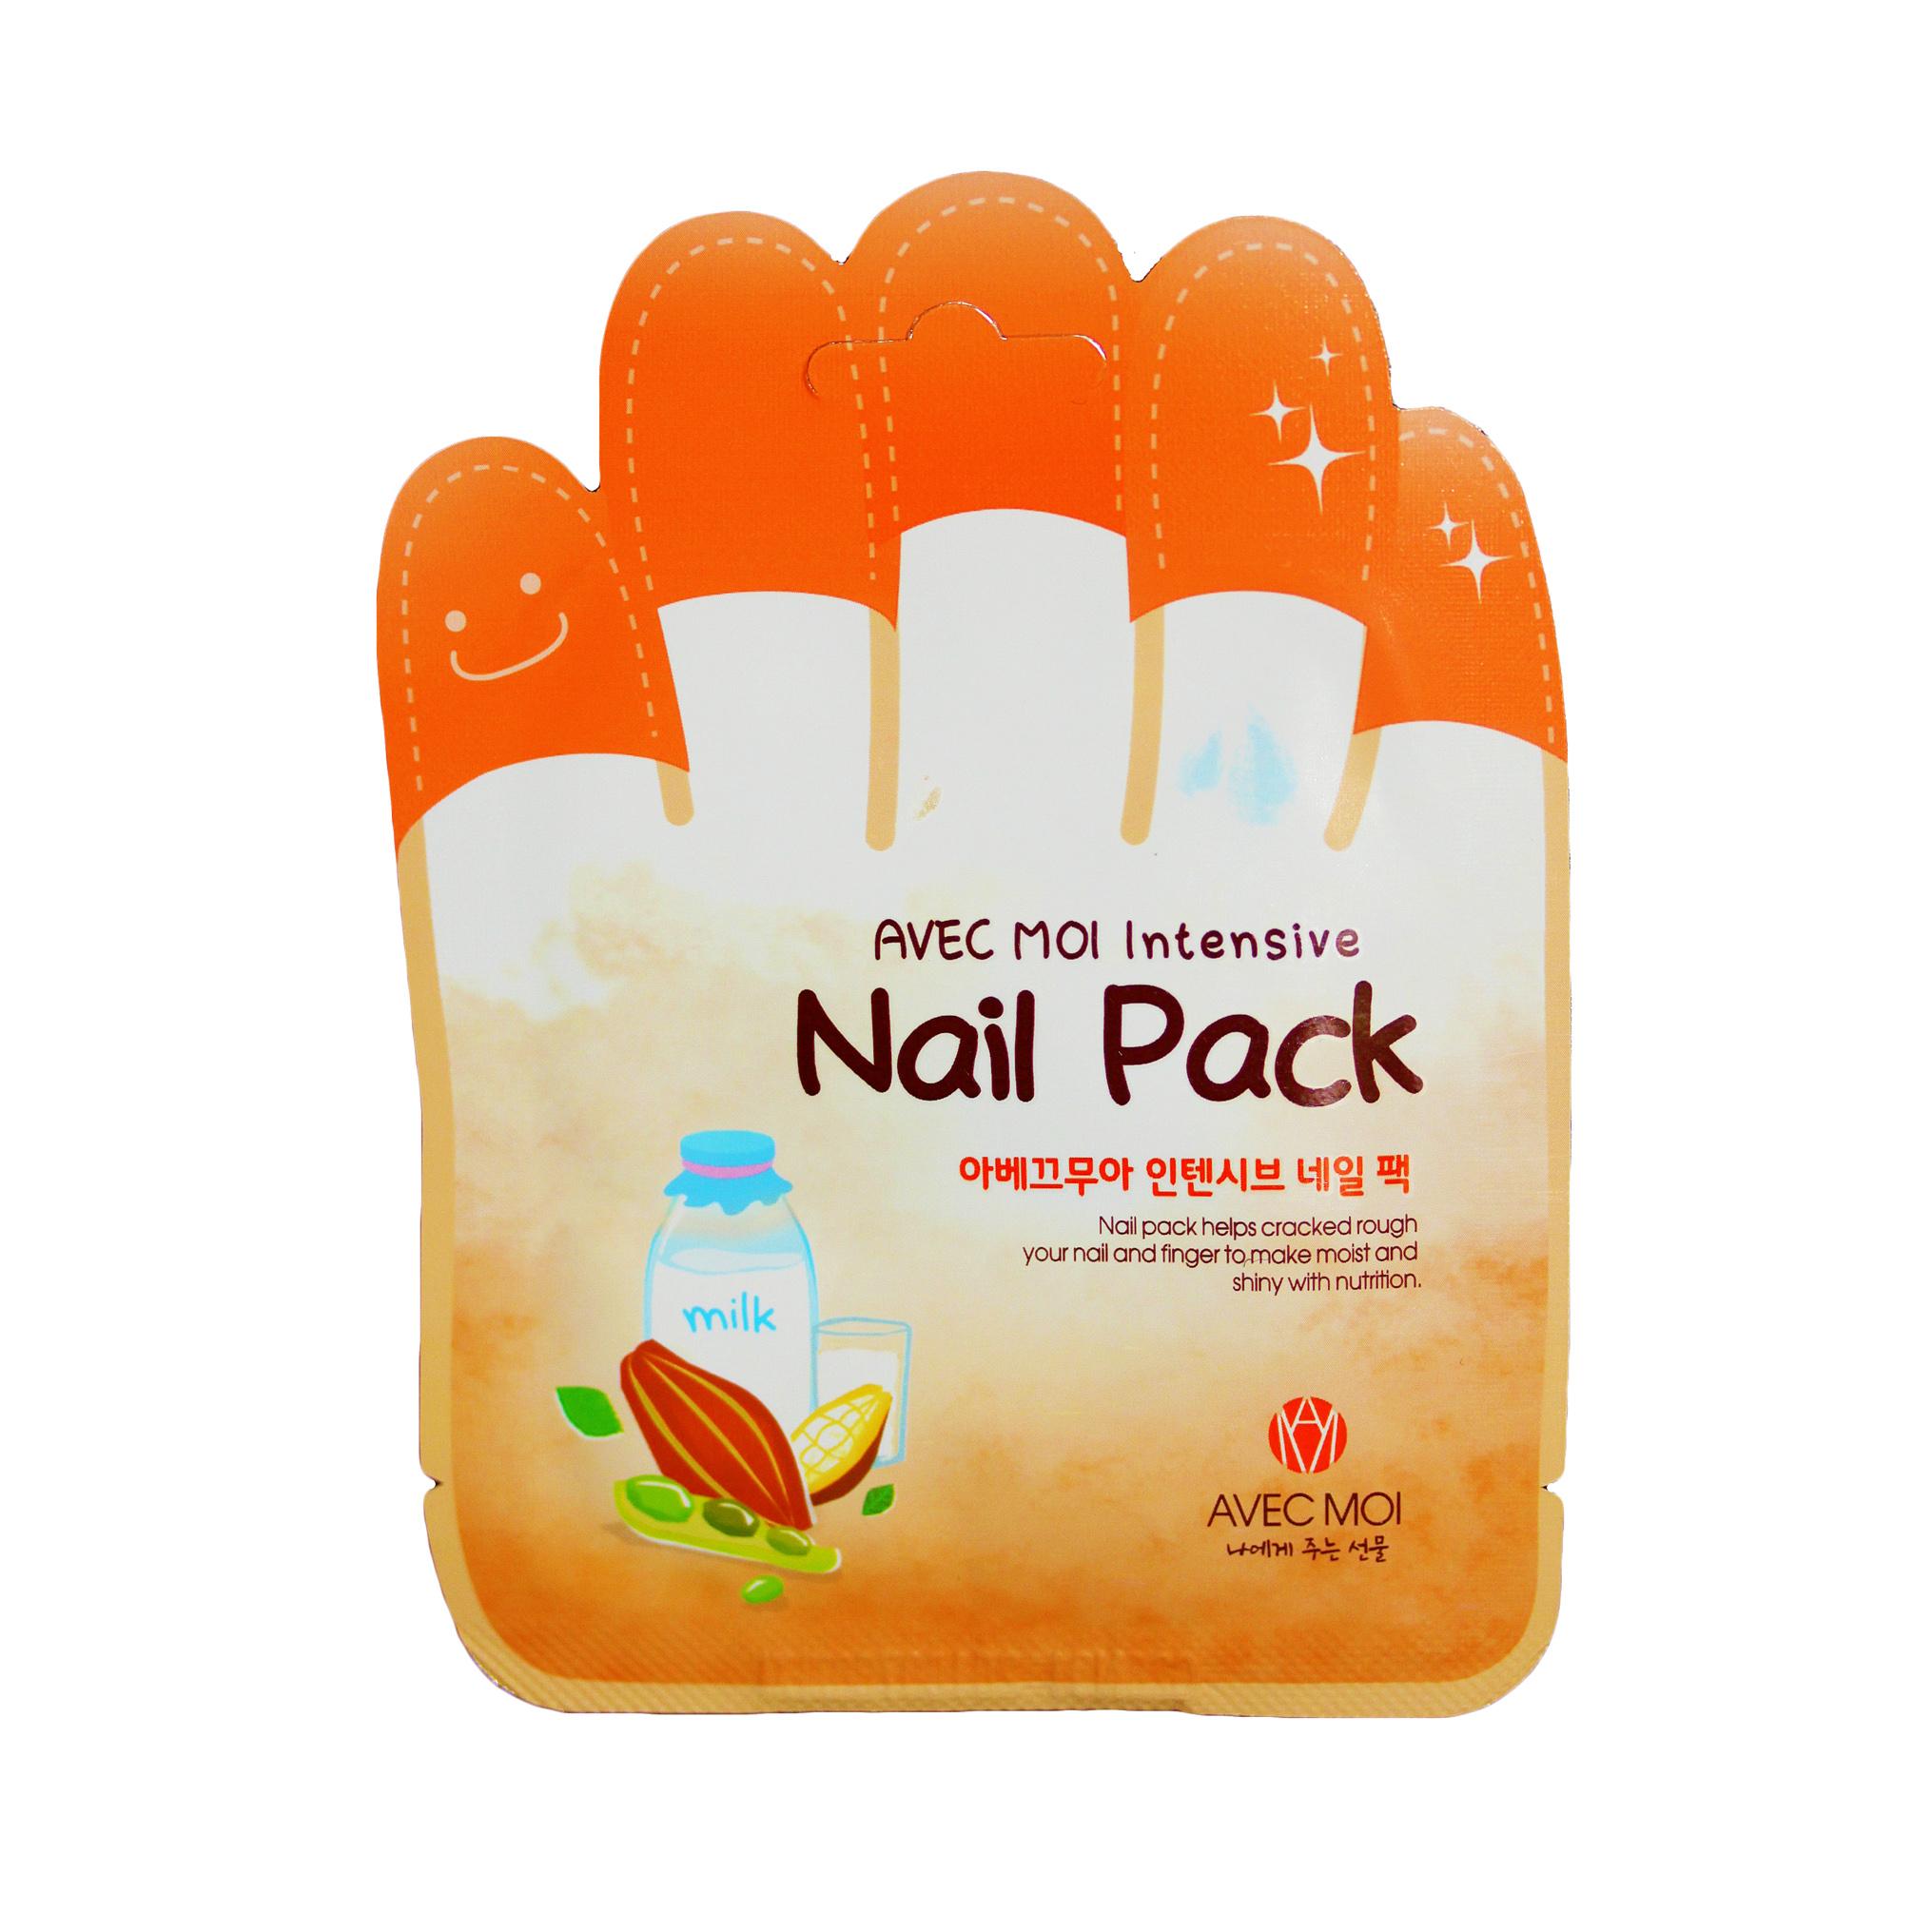 Nail Pack